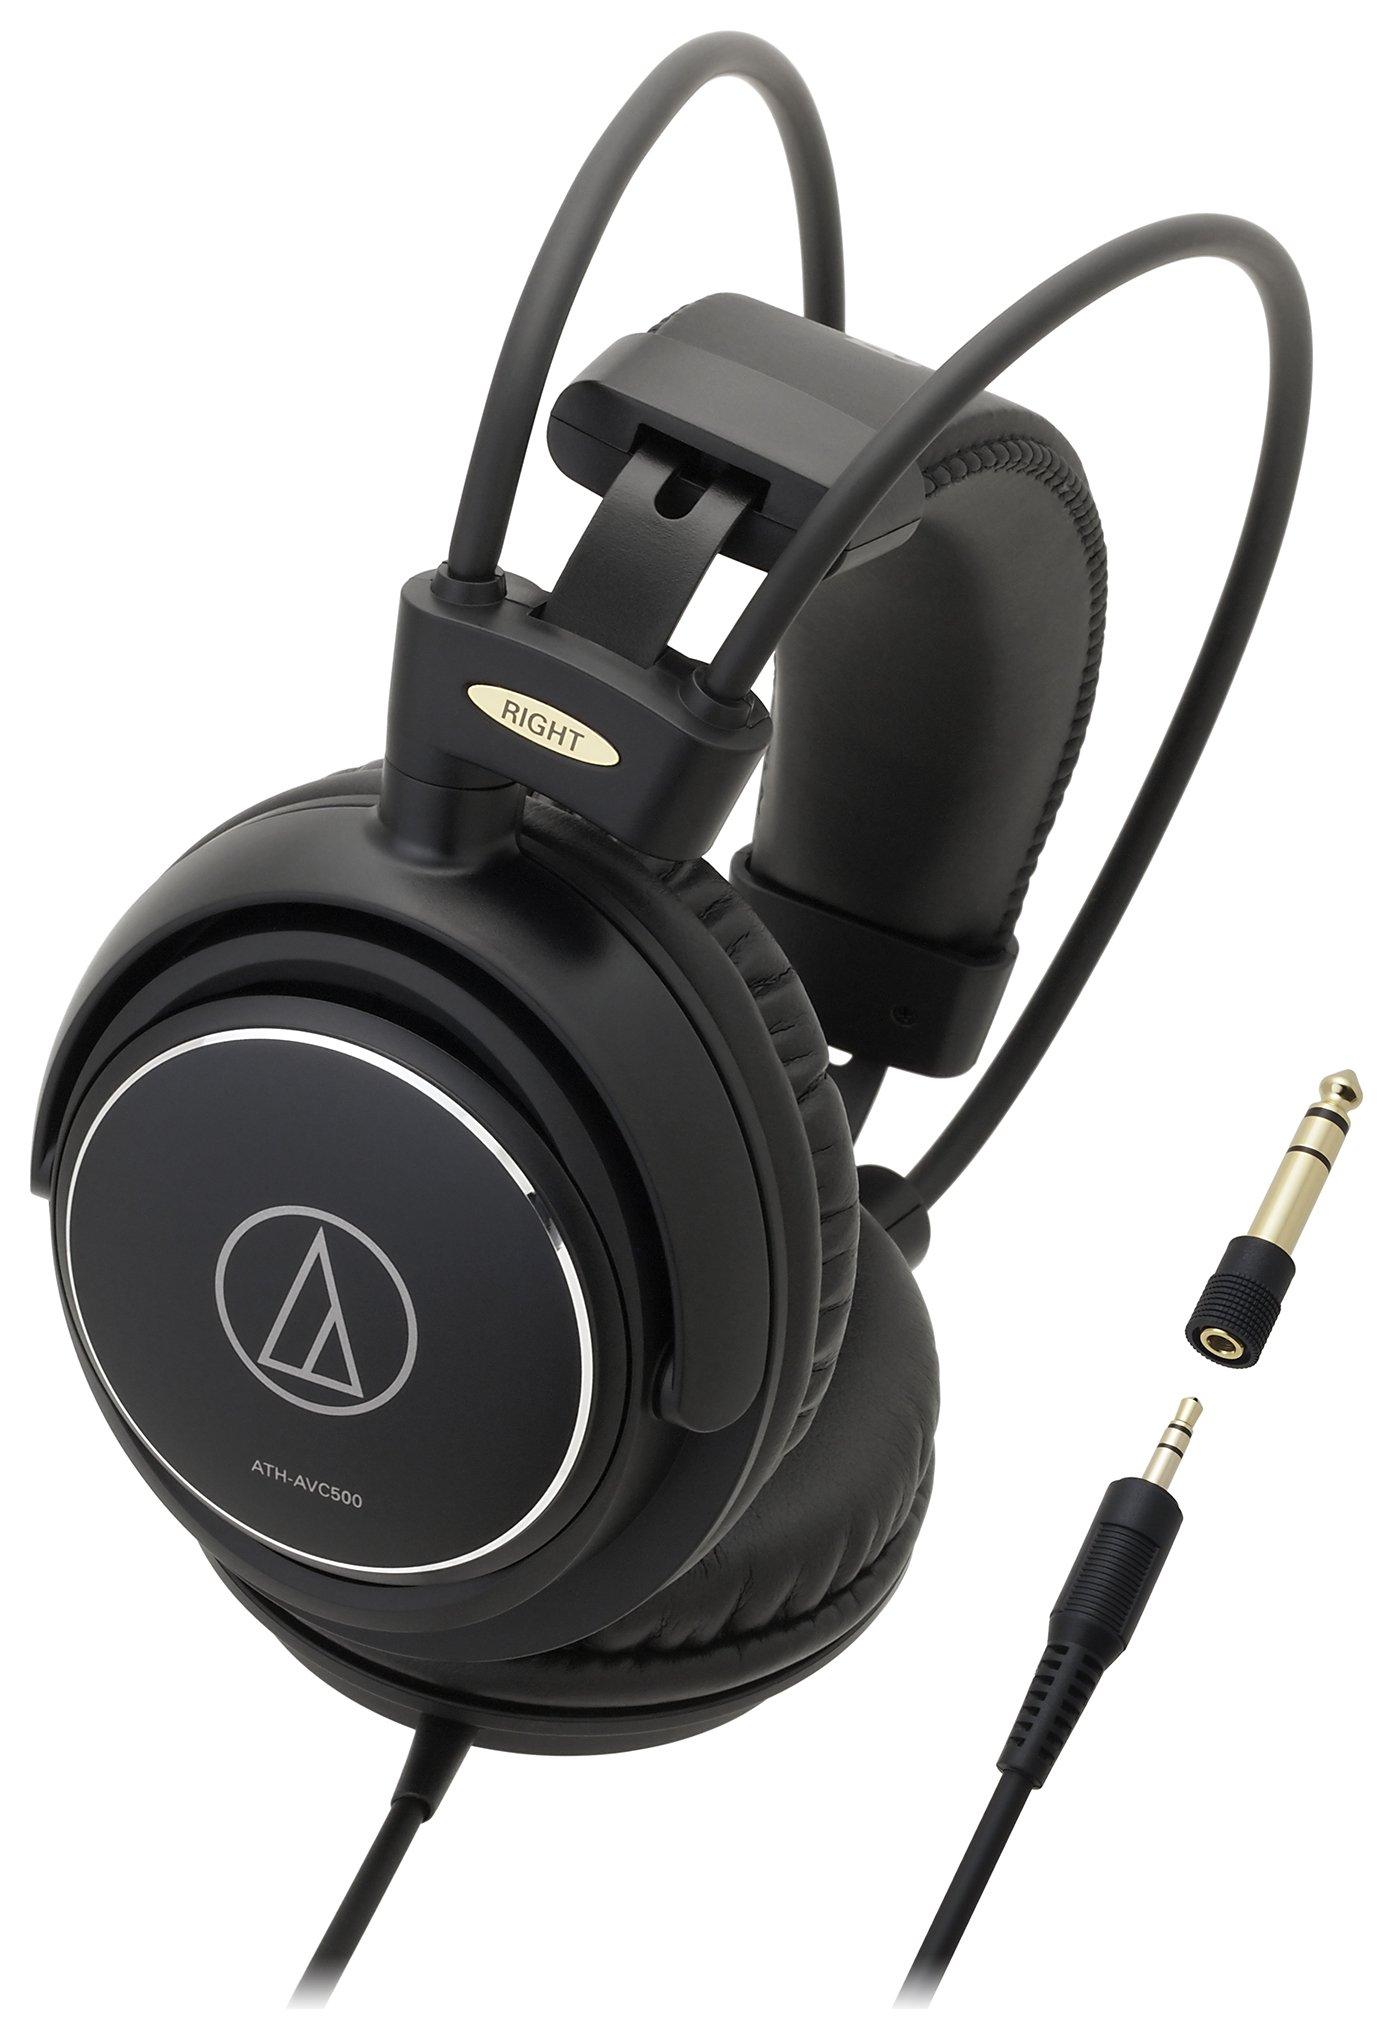 Audio Technica ATH-AVC500 Over-Ear Headphones - Black.